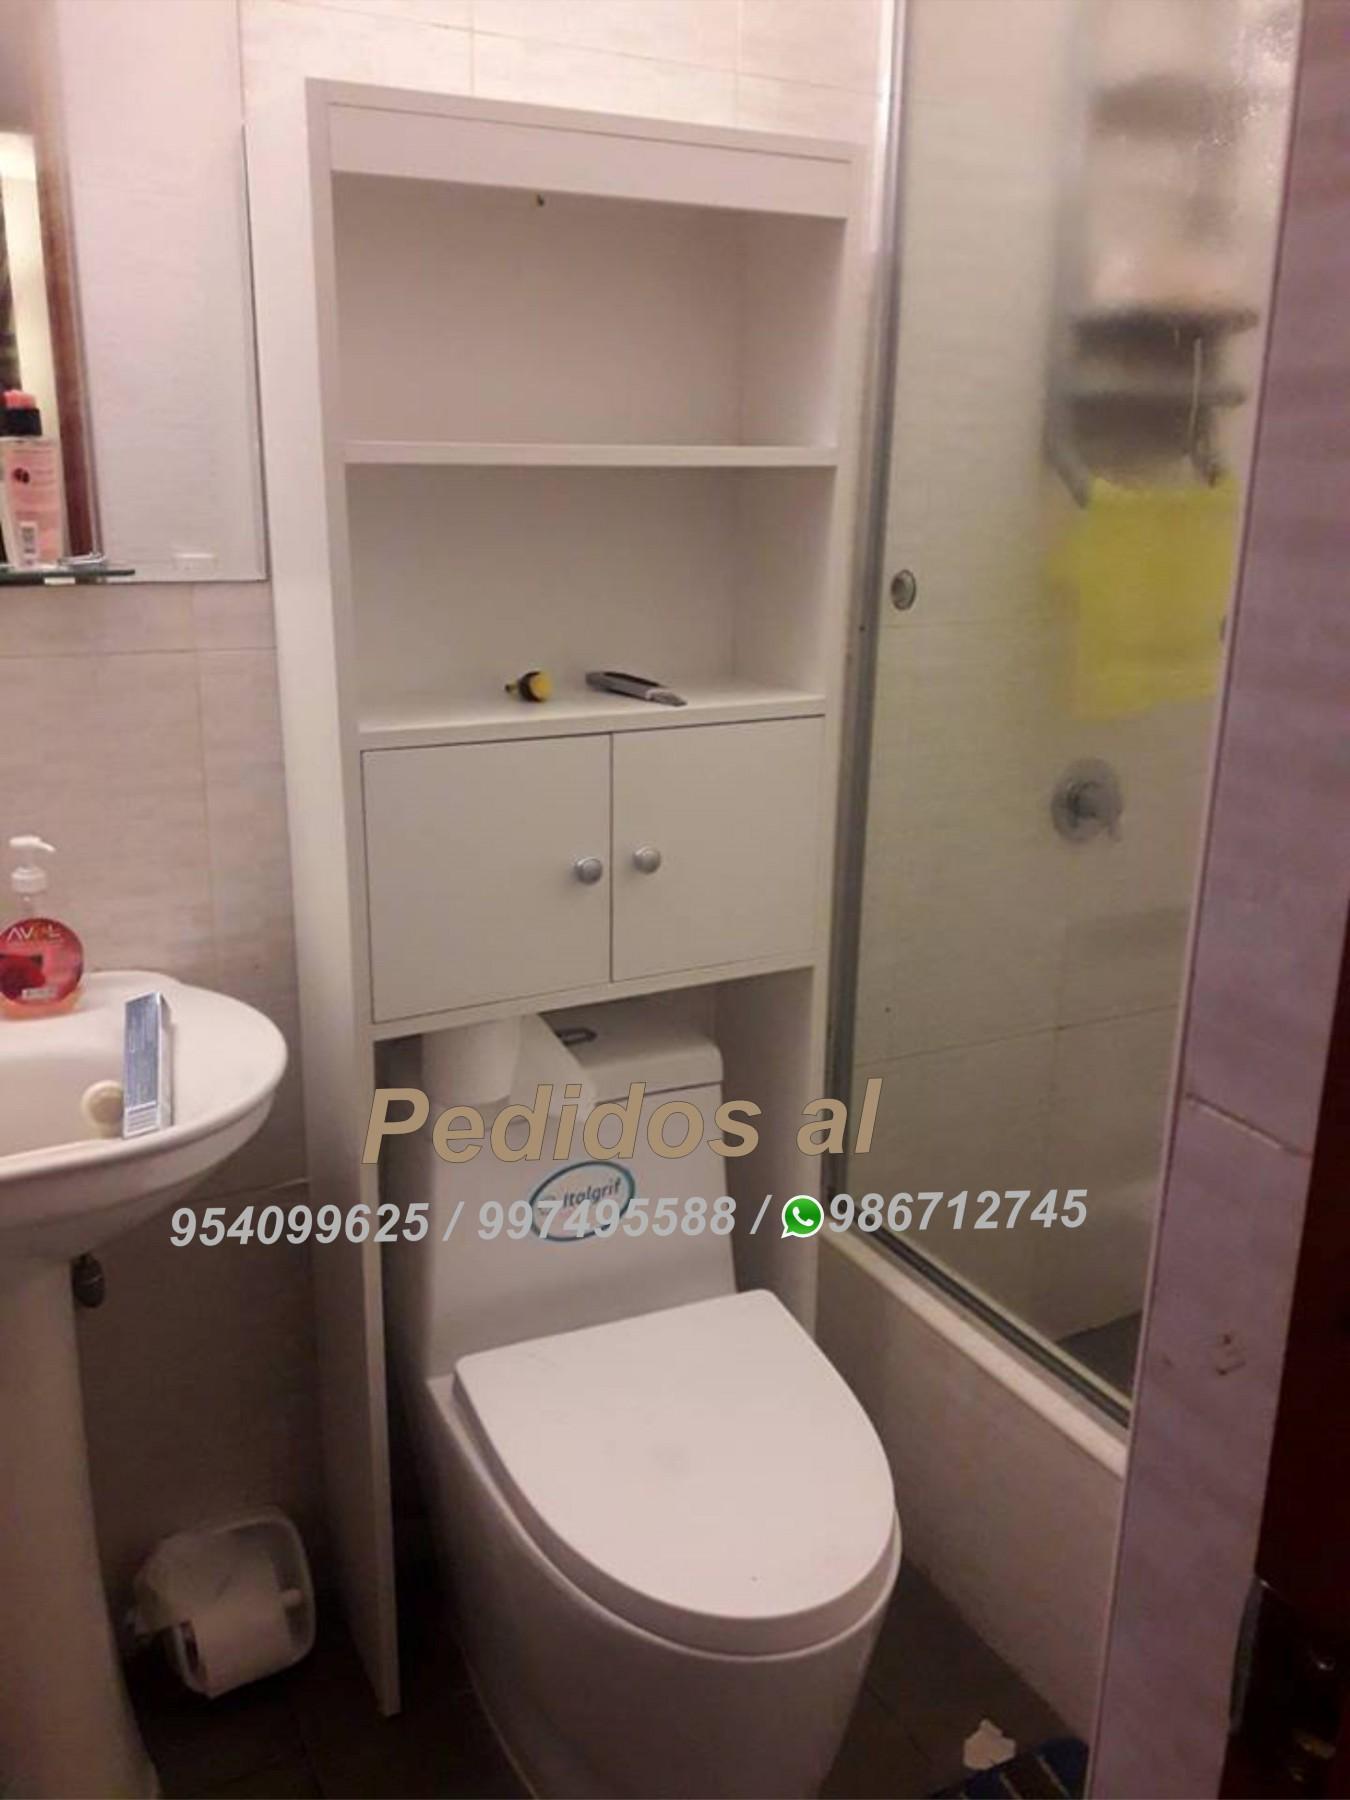 Muebles de melamina para baños (OPTIMIZADOR DE BAÑO MADRID)